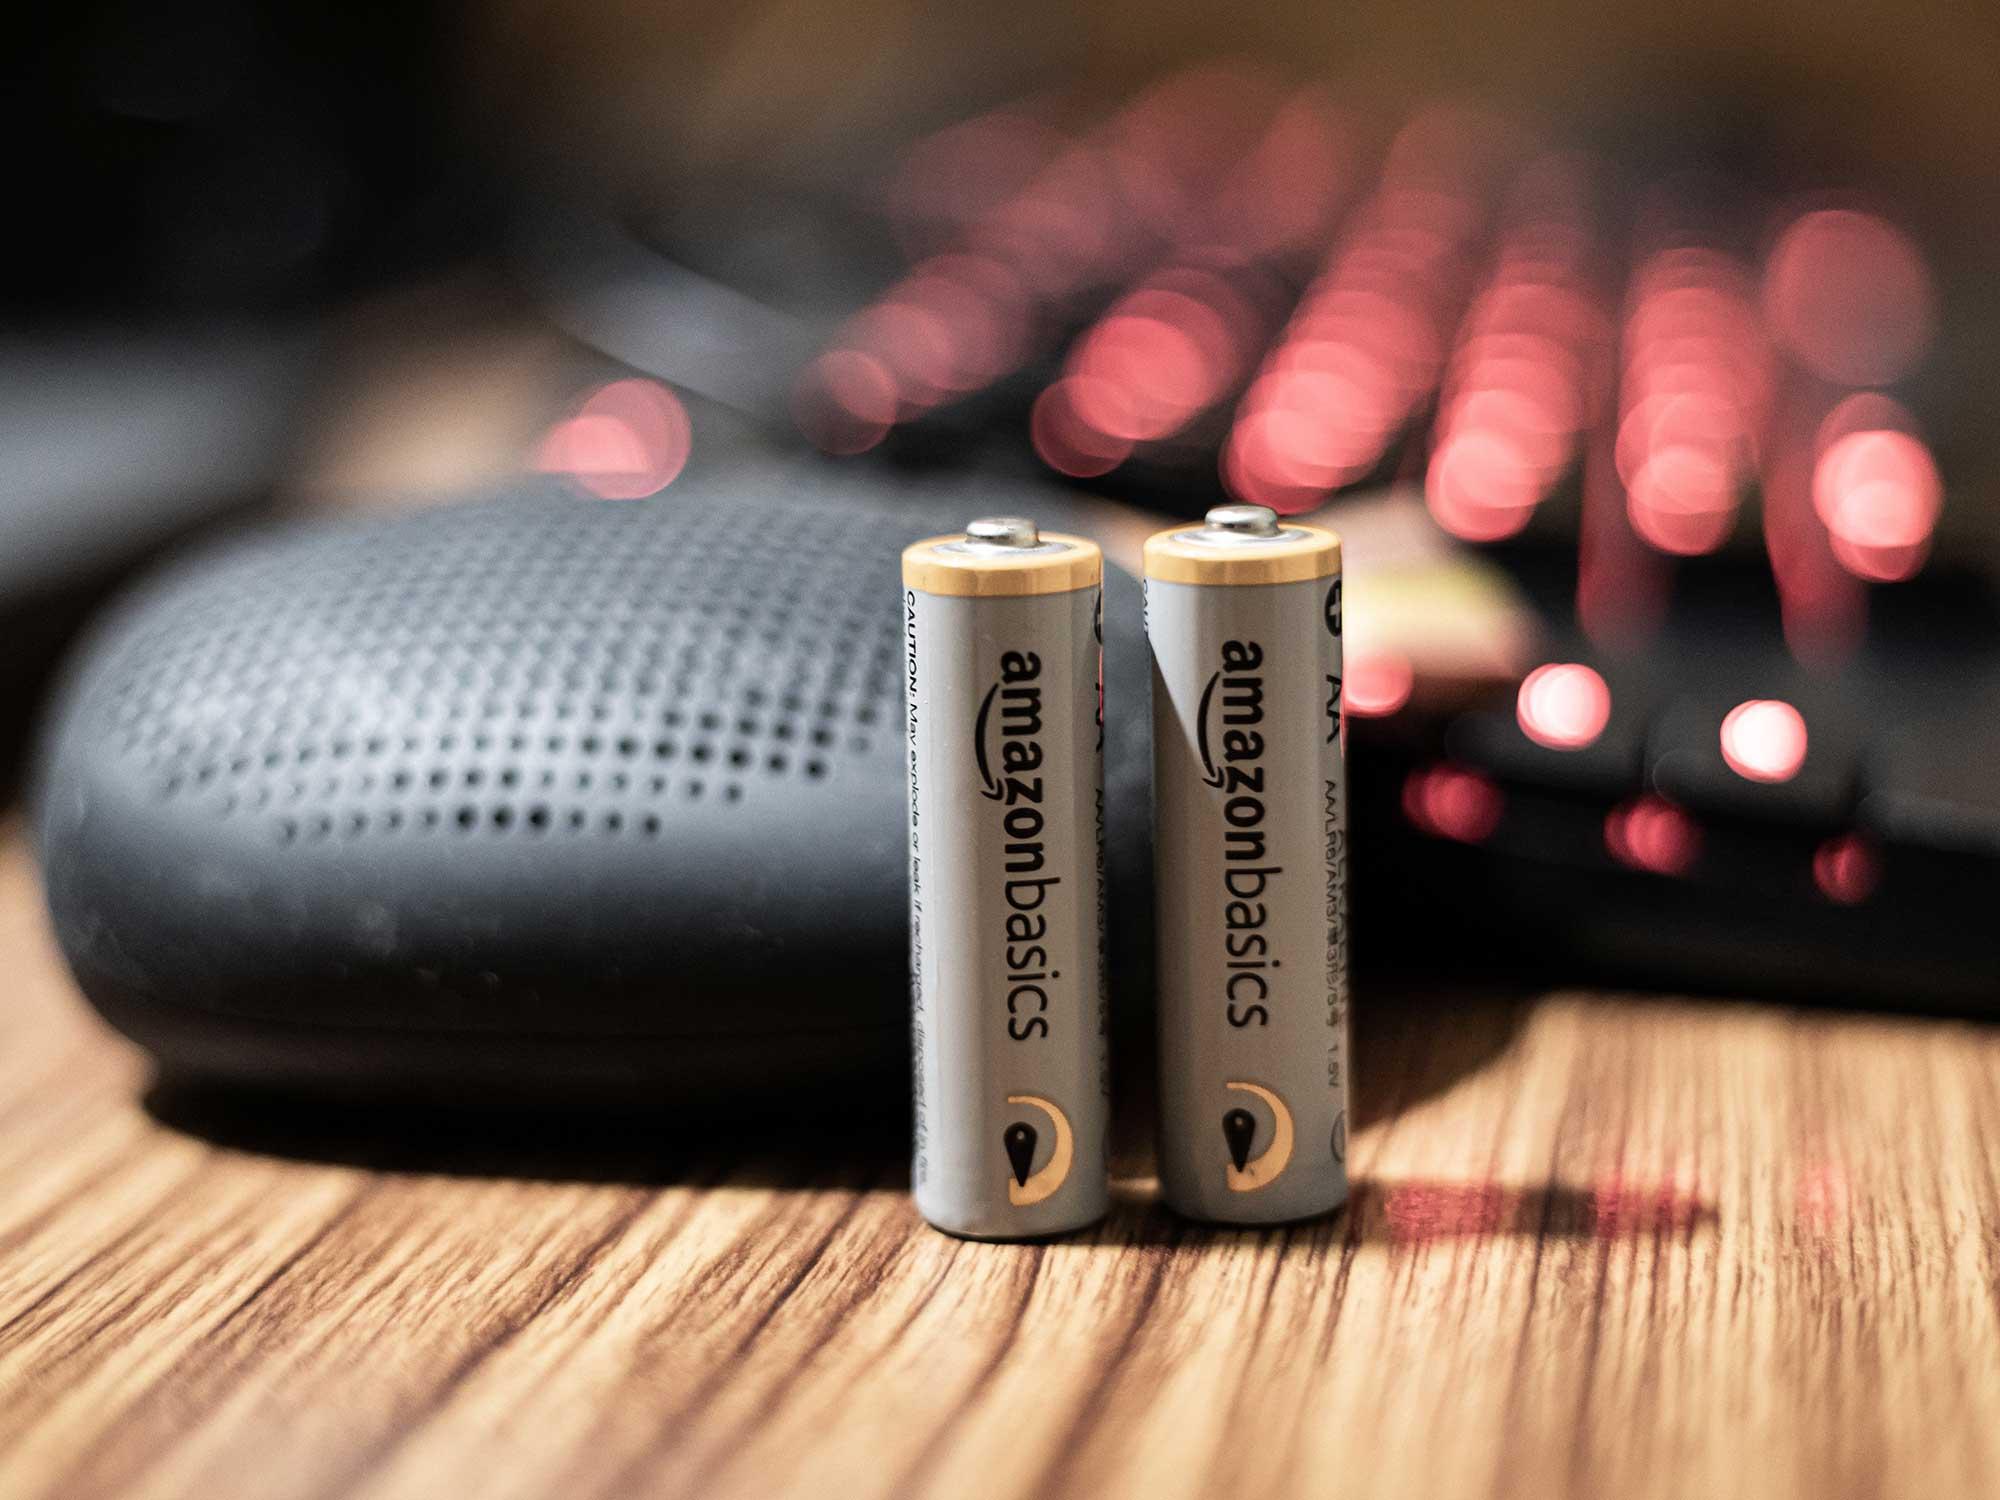 Amazon AA batteries